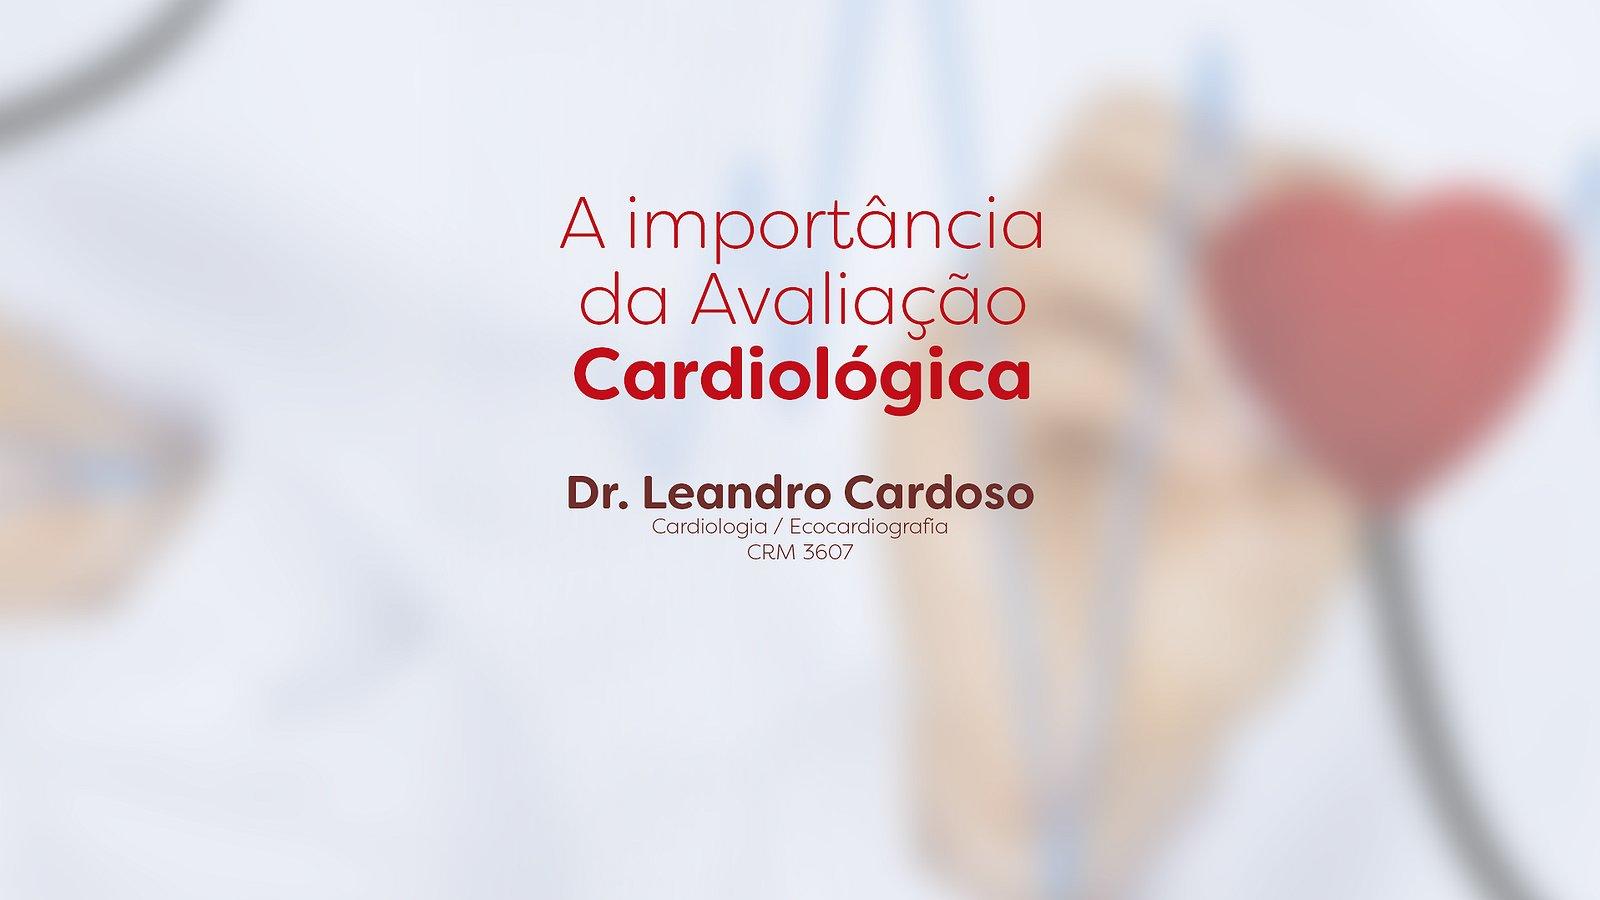 A importância da Avaliação Cardiológica